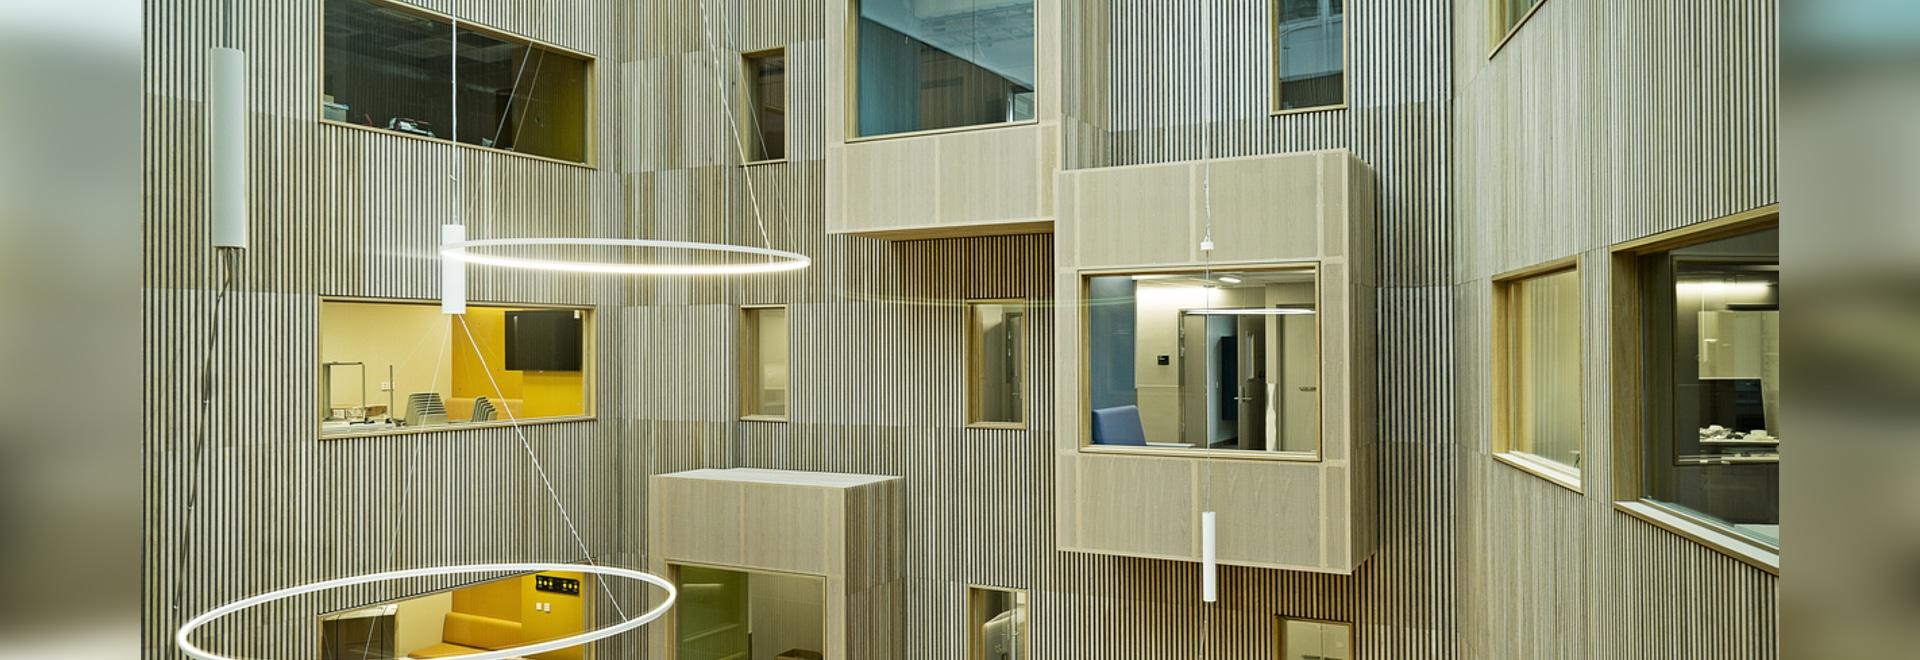 Haraldsplass Krankenhaus/C.F. Møller Architects